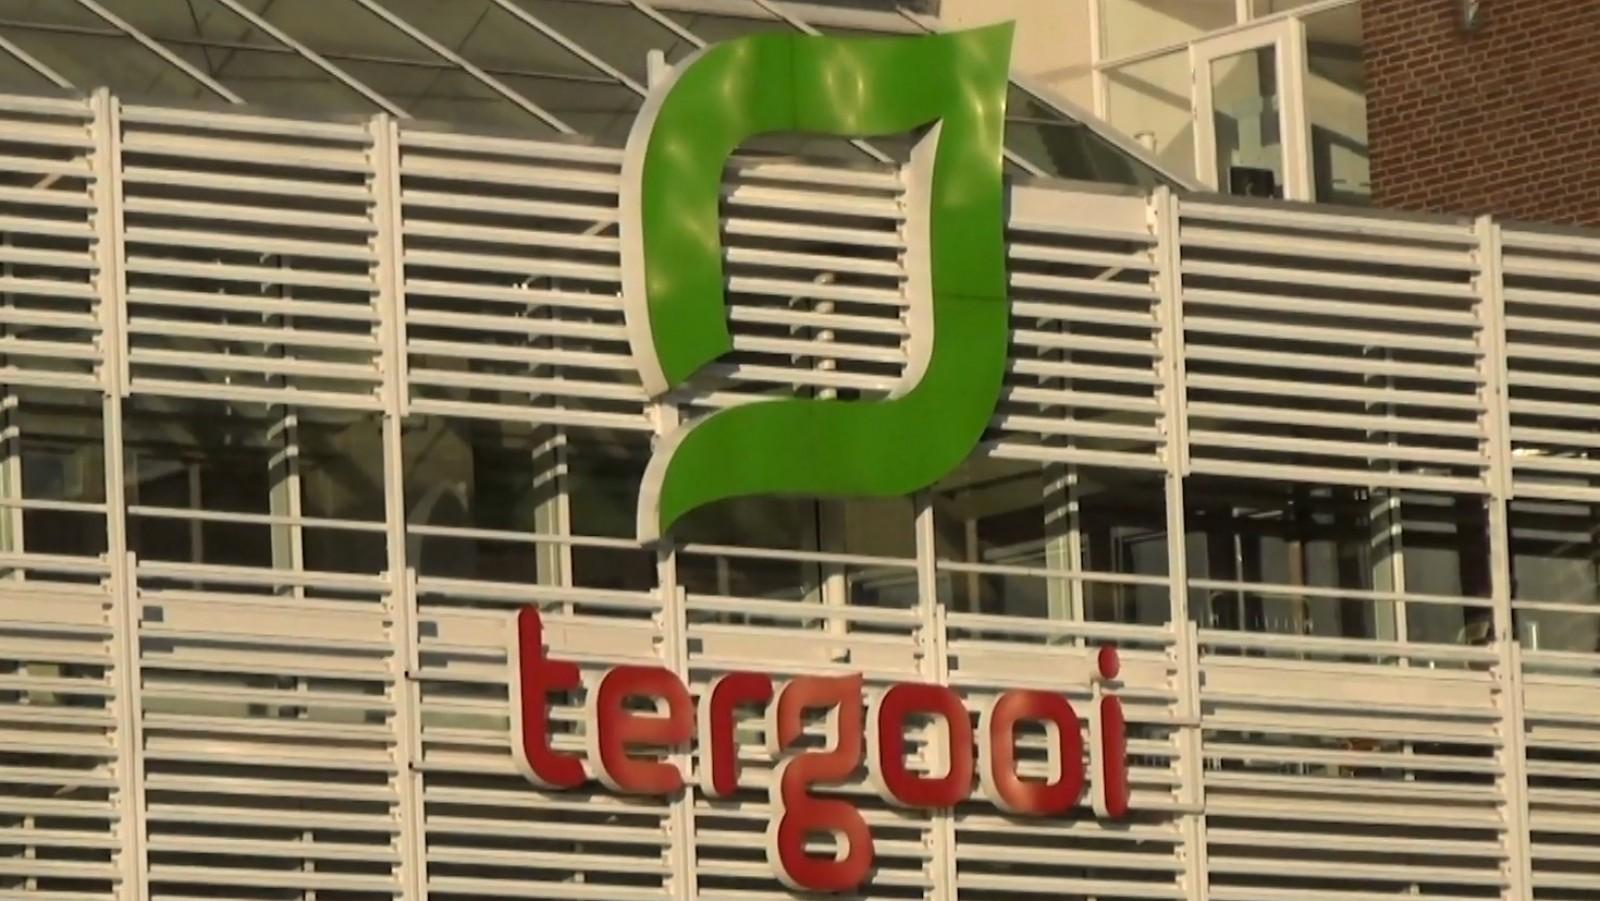 Tergooi ziekenhuis locatie Blaricum is verkocht